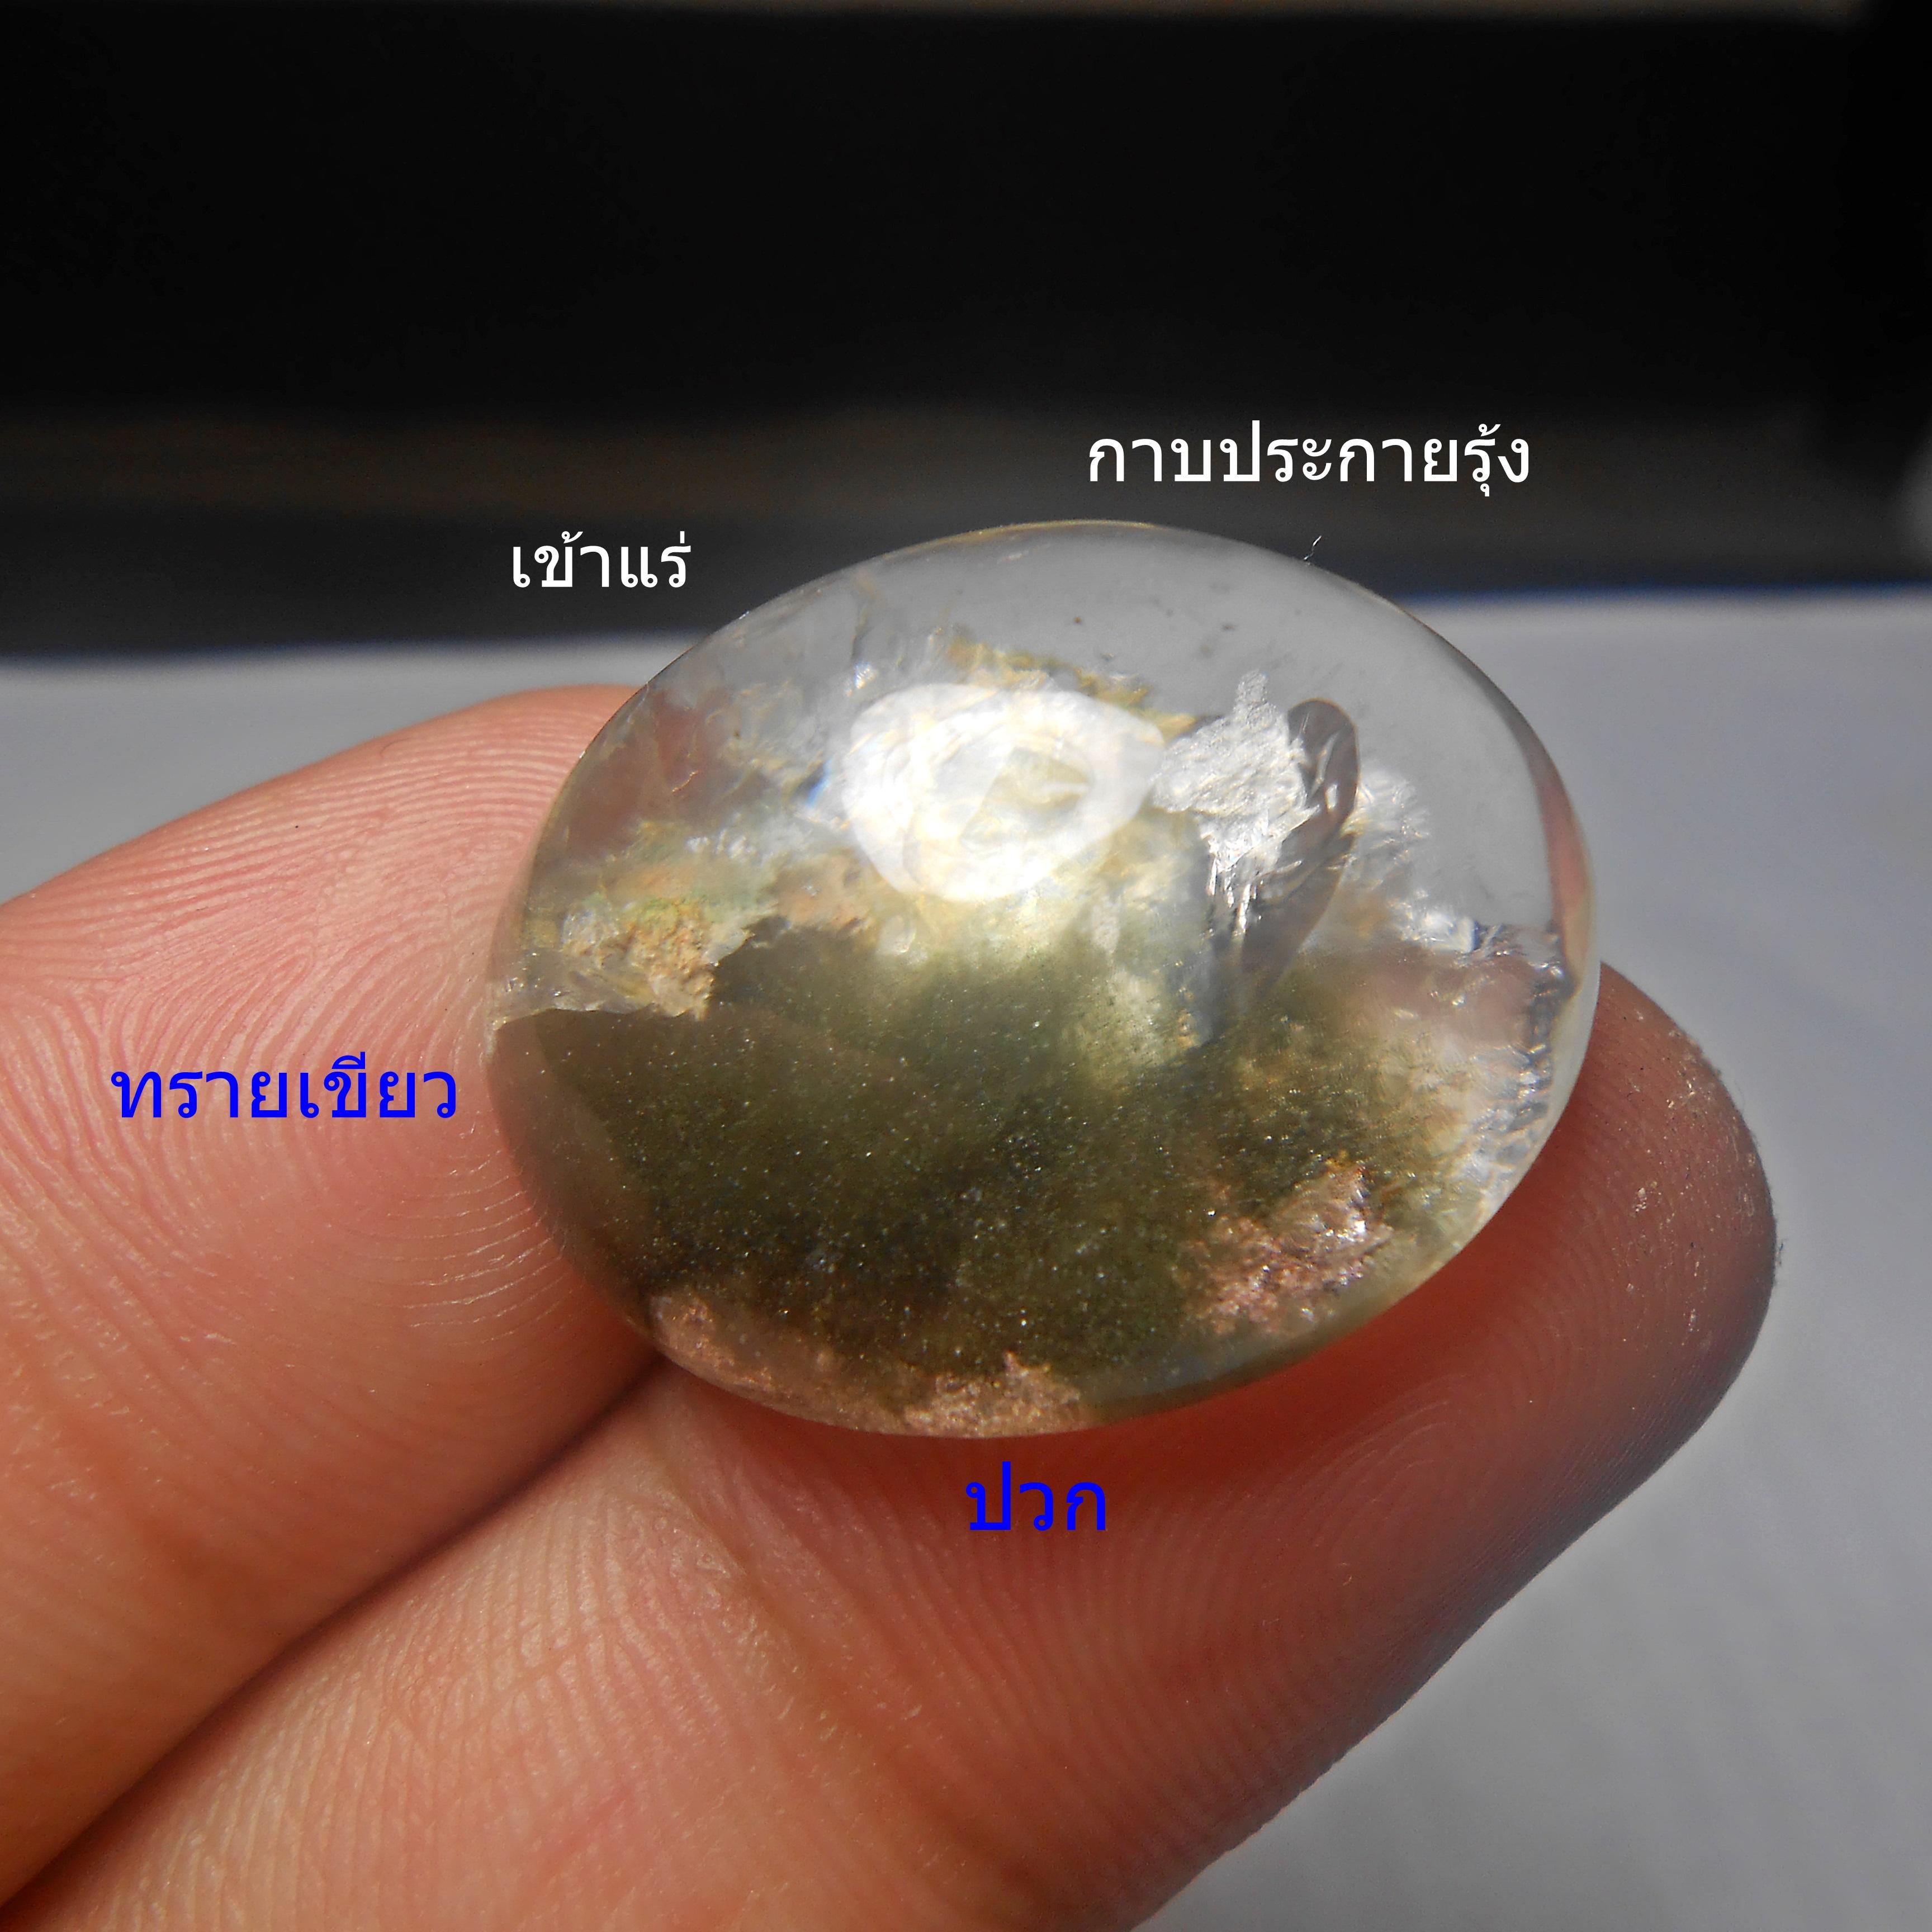 แก้วสามกษัตริย์ ทราย+กาบรุ้ง+ปวก A+++ ขนาด2.5*2cm ทำหัวแหวน จี้